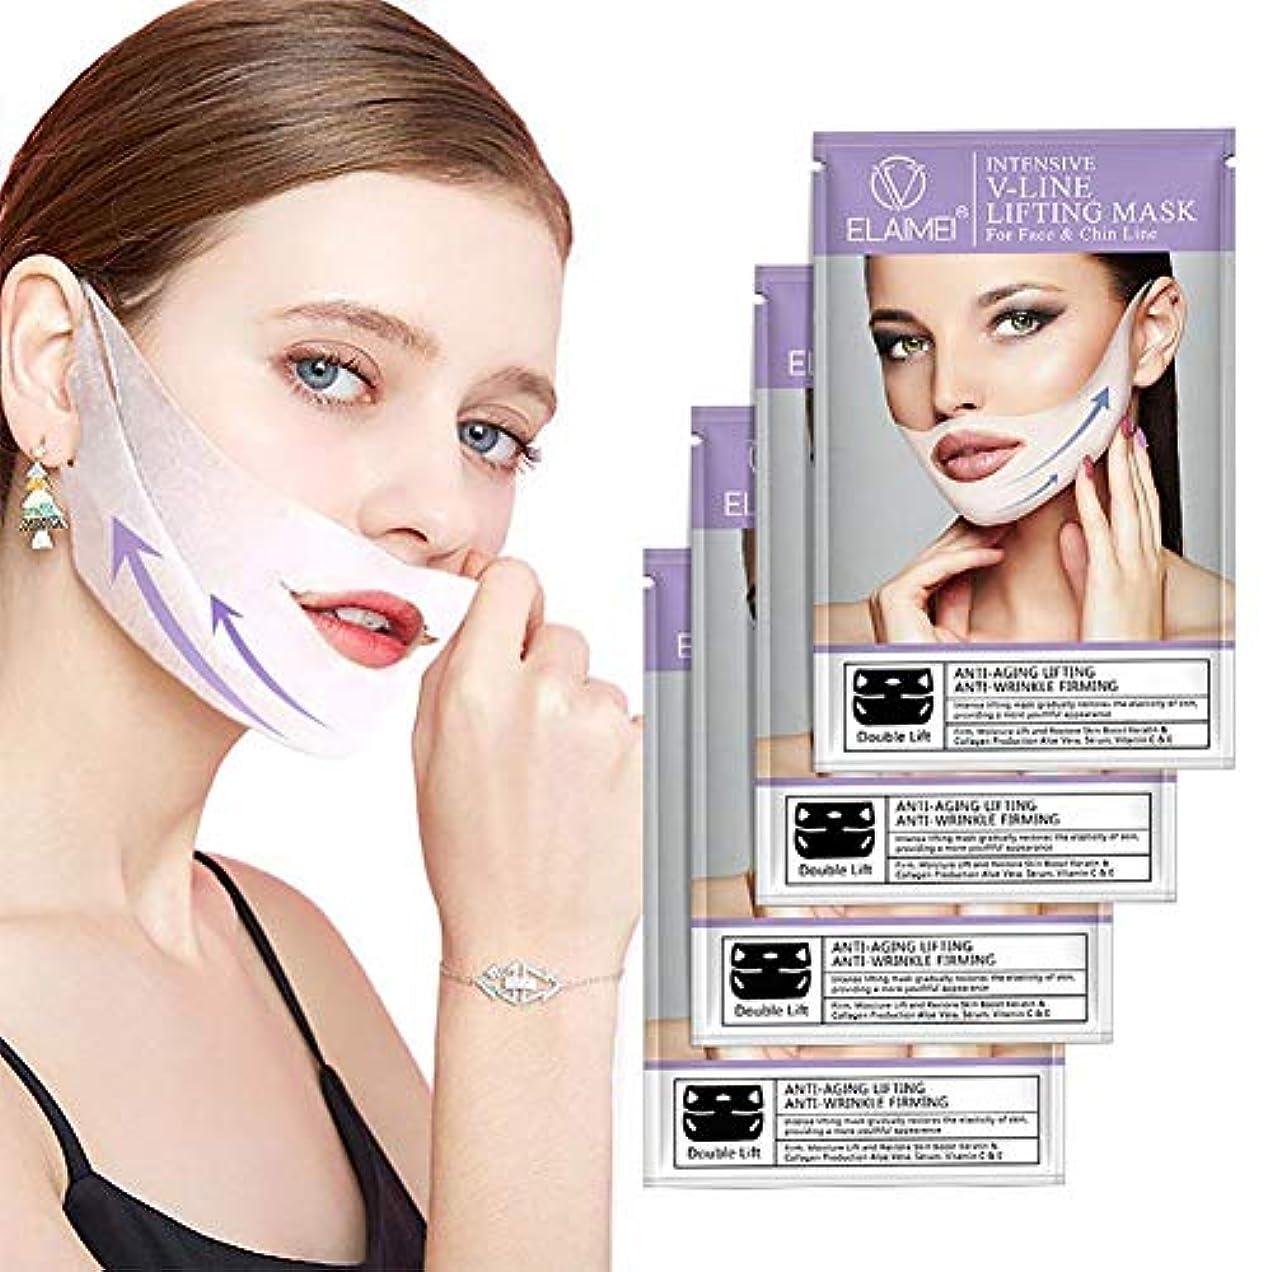 ユニセックスVラインマスク、フェイス&チンライン用4 PCSリフティングバンドパッチ、ダブルチンVフェイスチンアップファーミングマスク